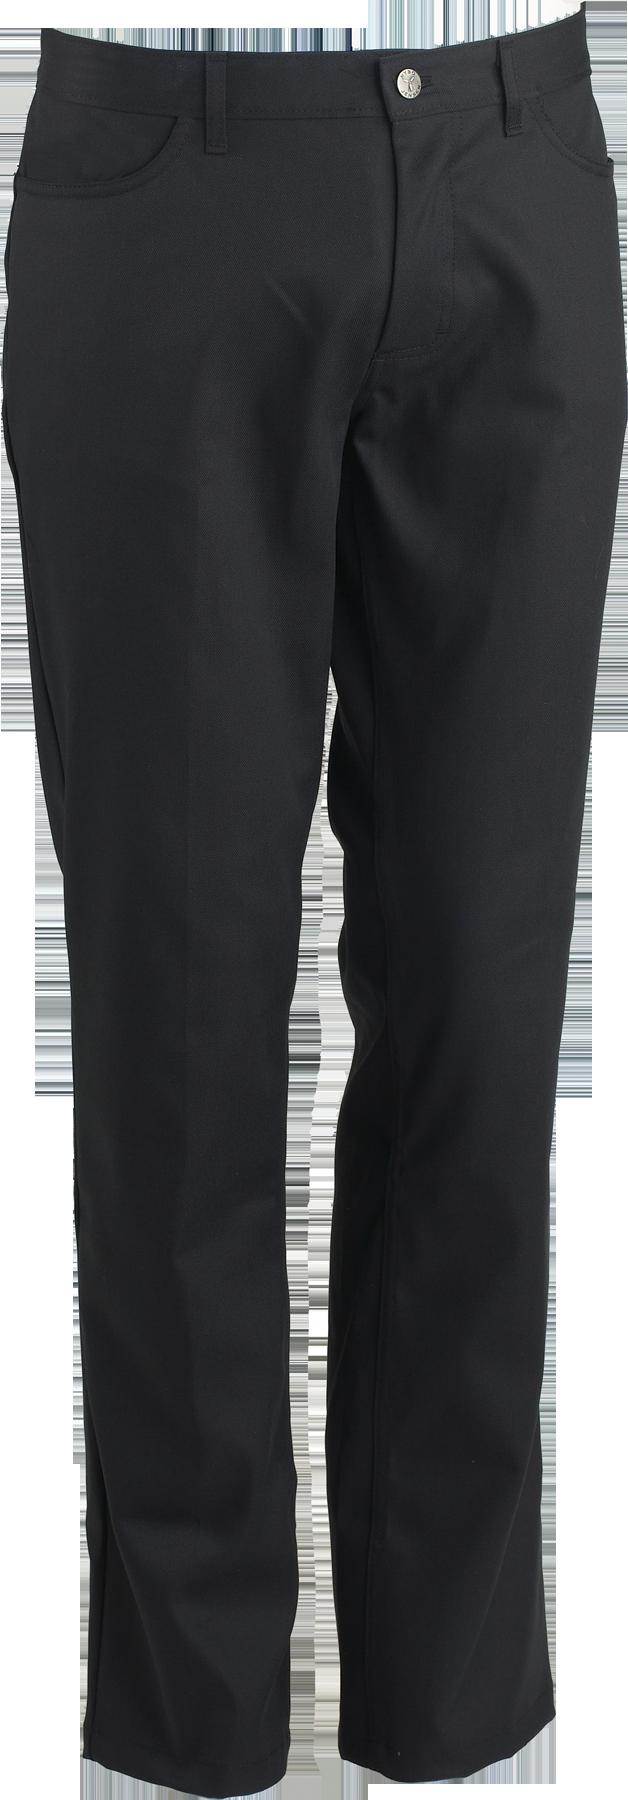 Herrebuks med jeans snit, Club-Classic (205127100) - Lager program